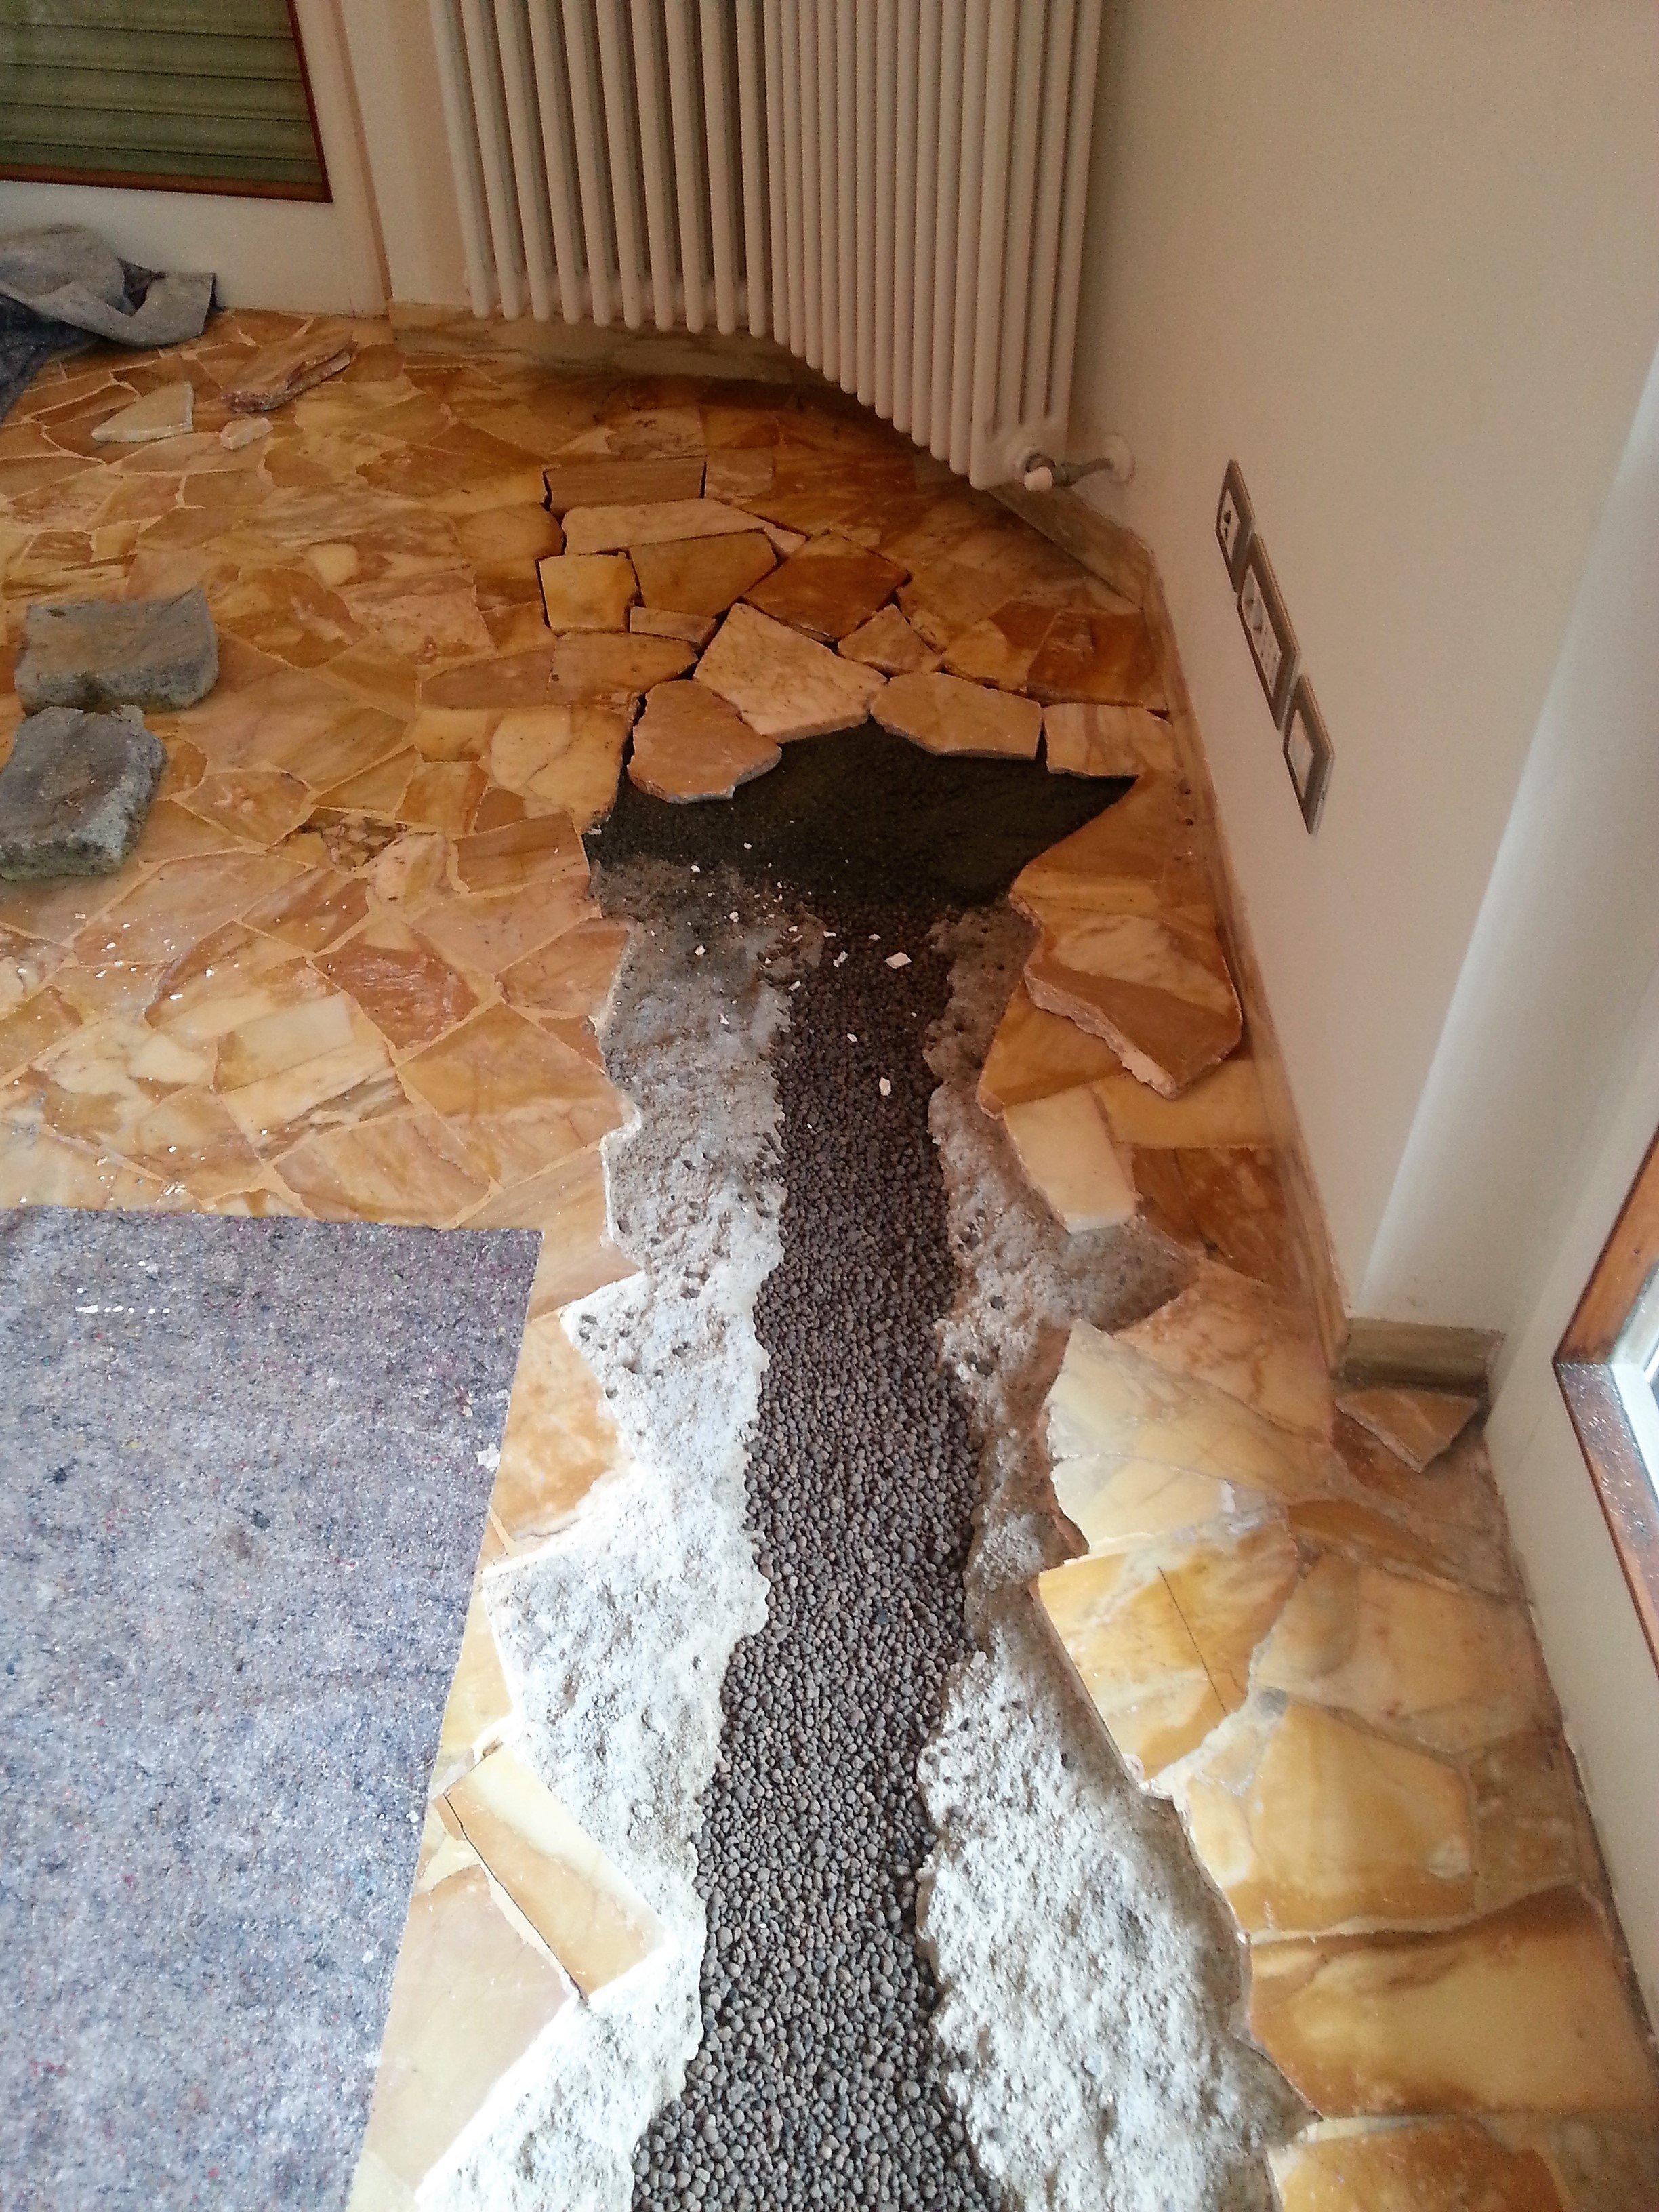 pavimento rotto